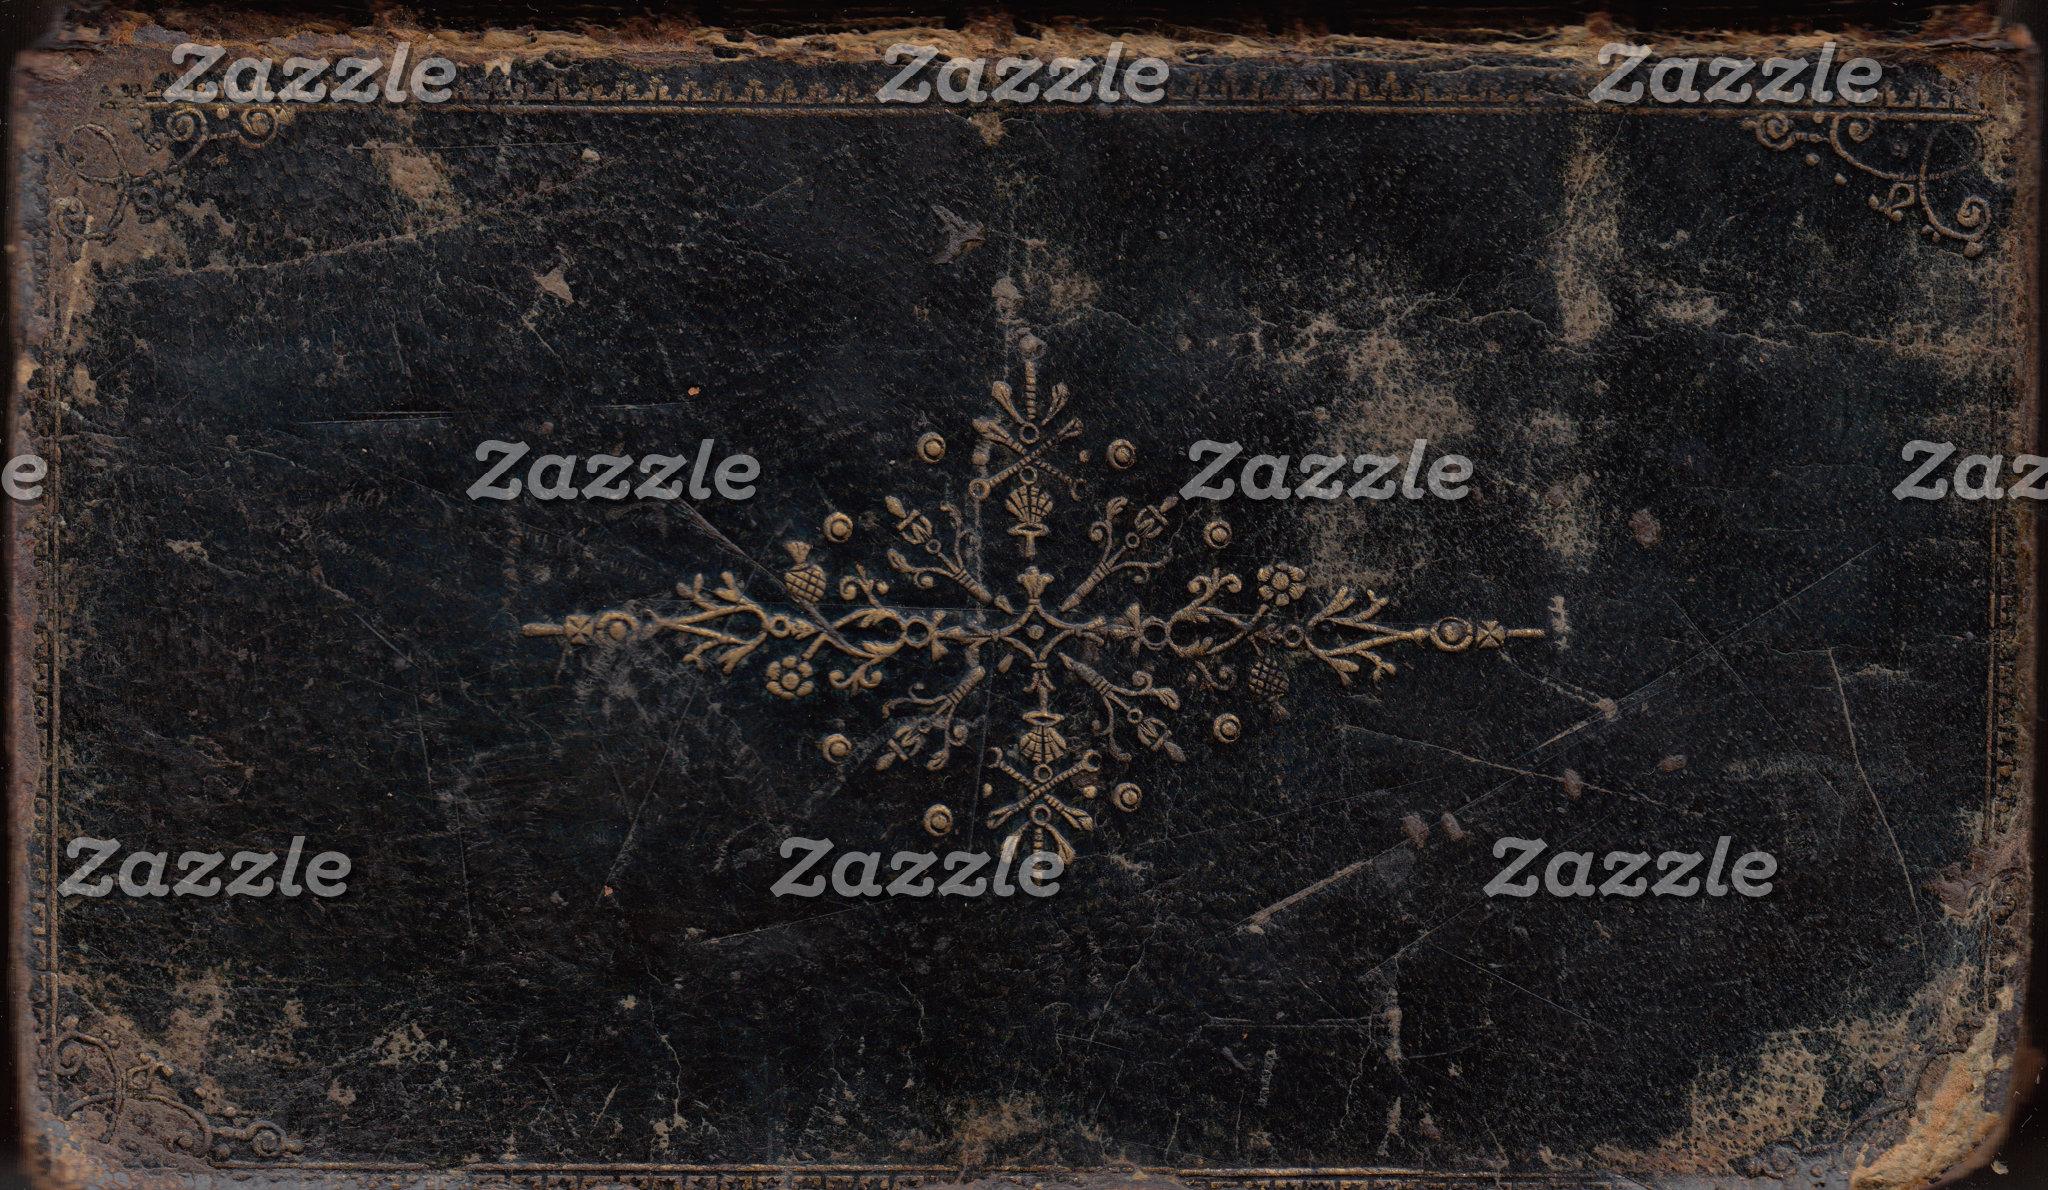 Fleur-de-lis Antique Book Cover